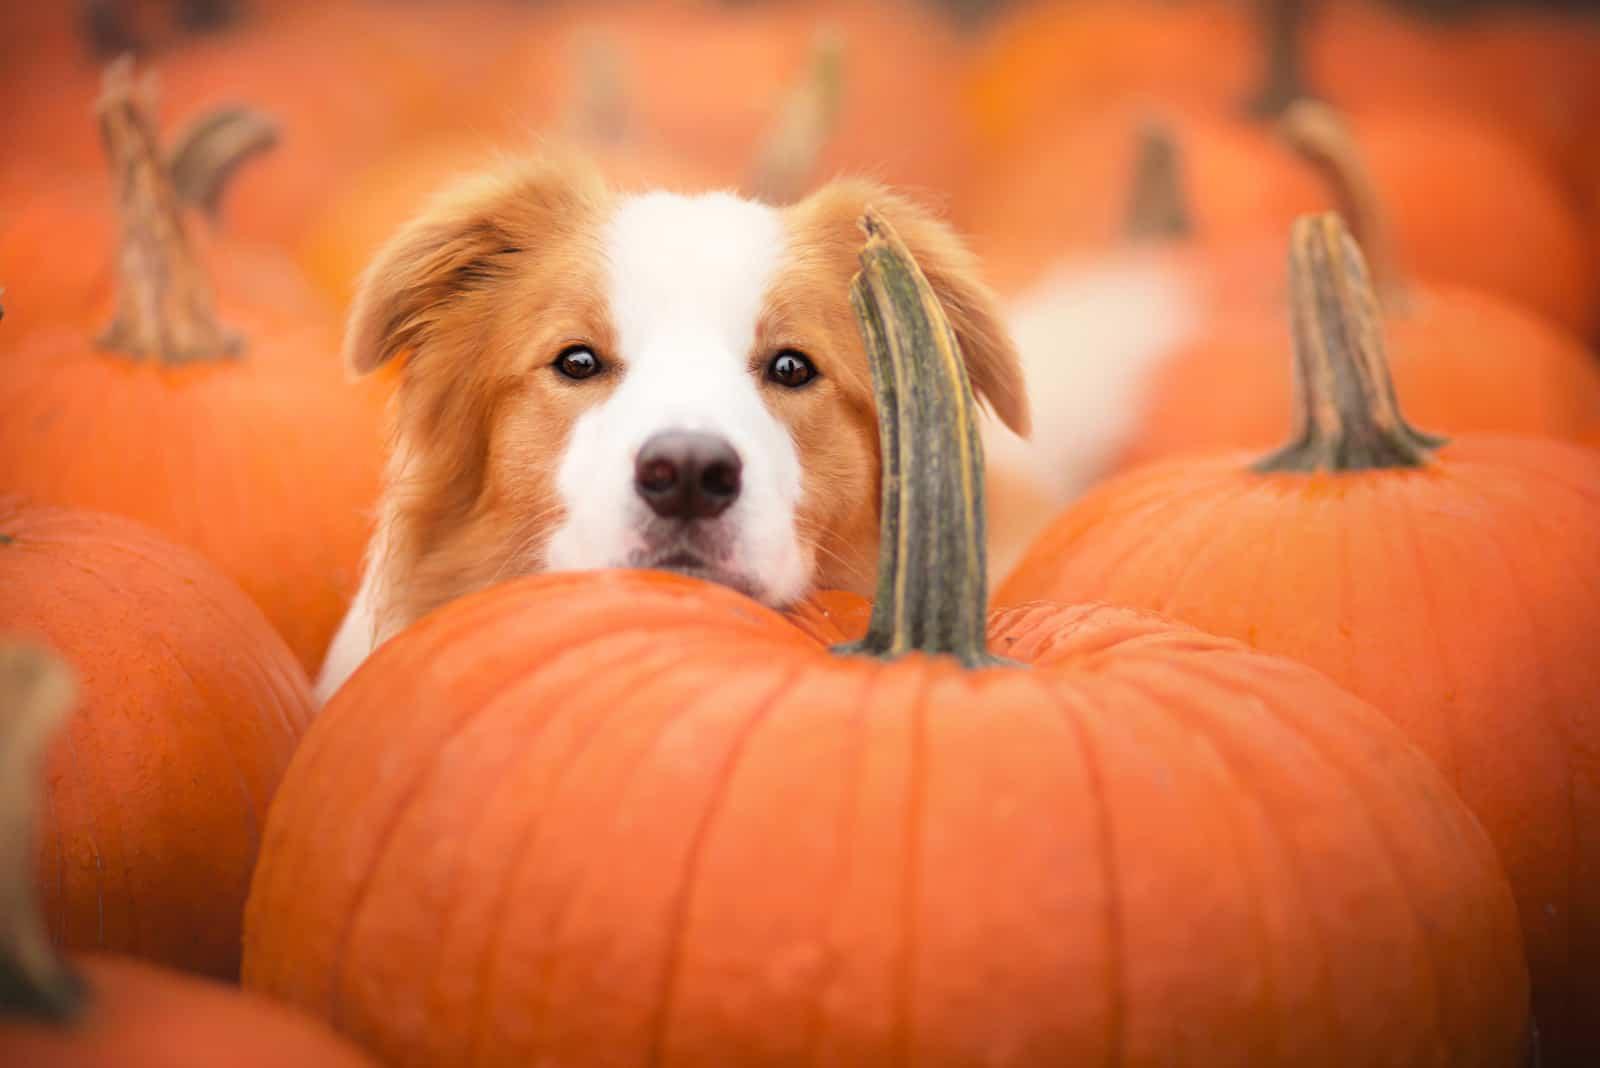 Schöner Hund und Kürbisse im Herbst